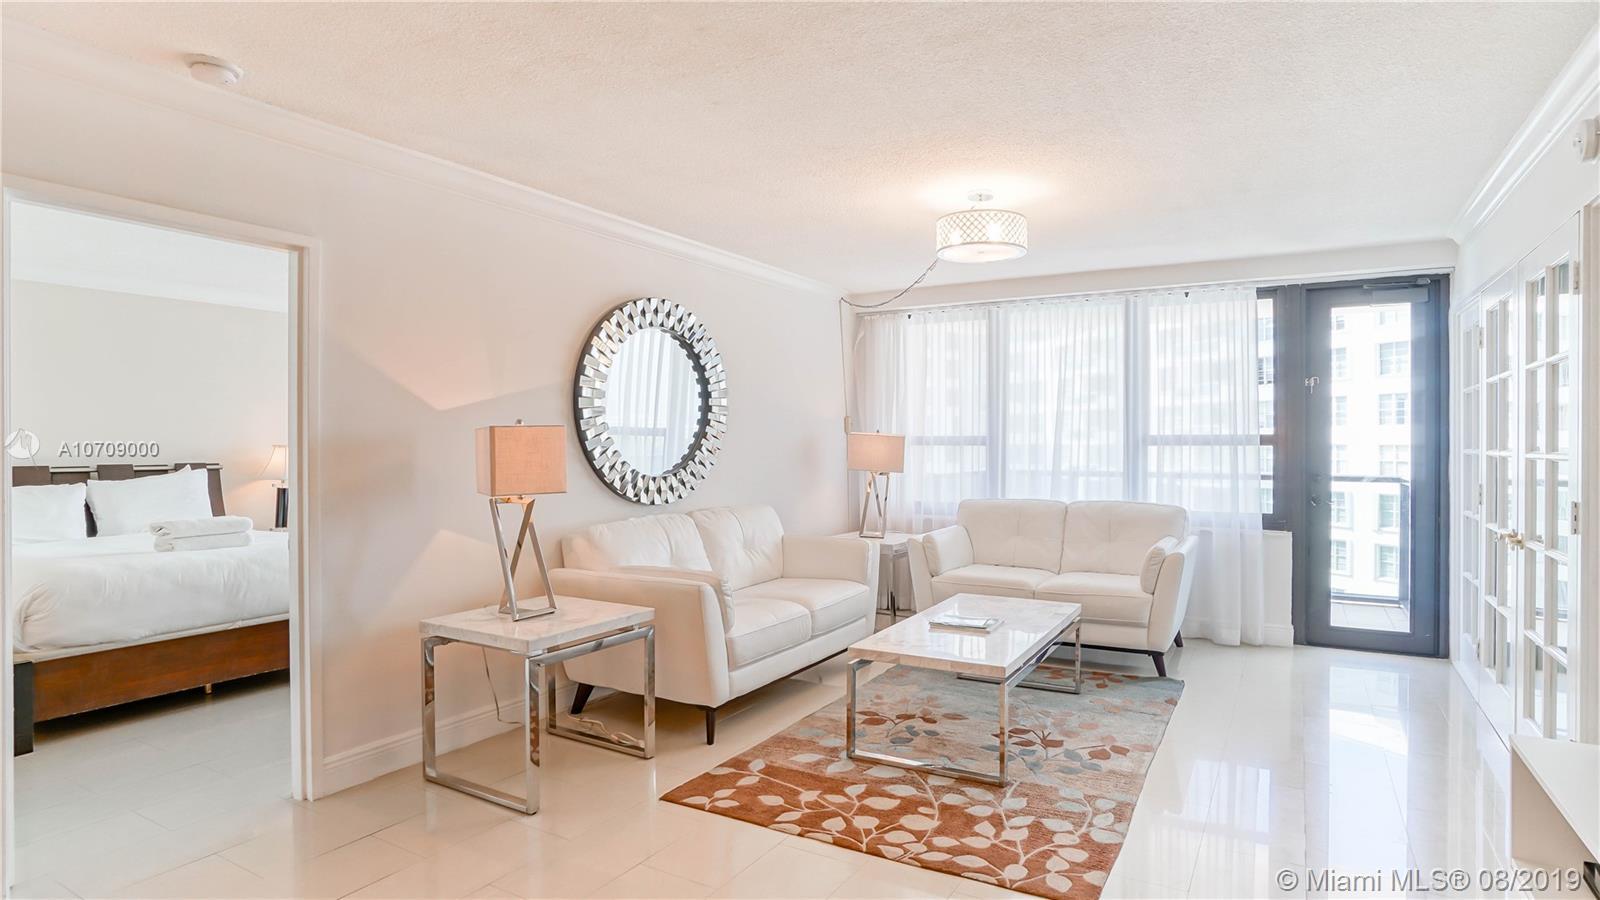 5225 Collins Ave Unit 1417, Miami Beach, Florida 33140